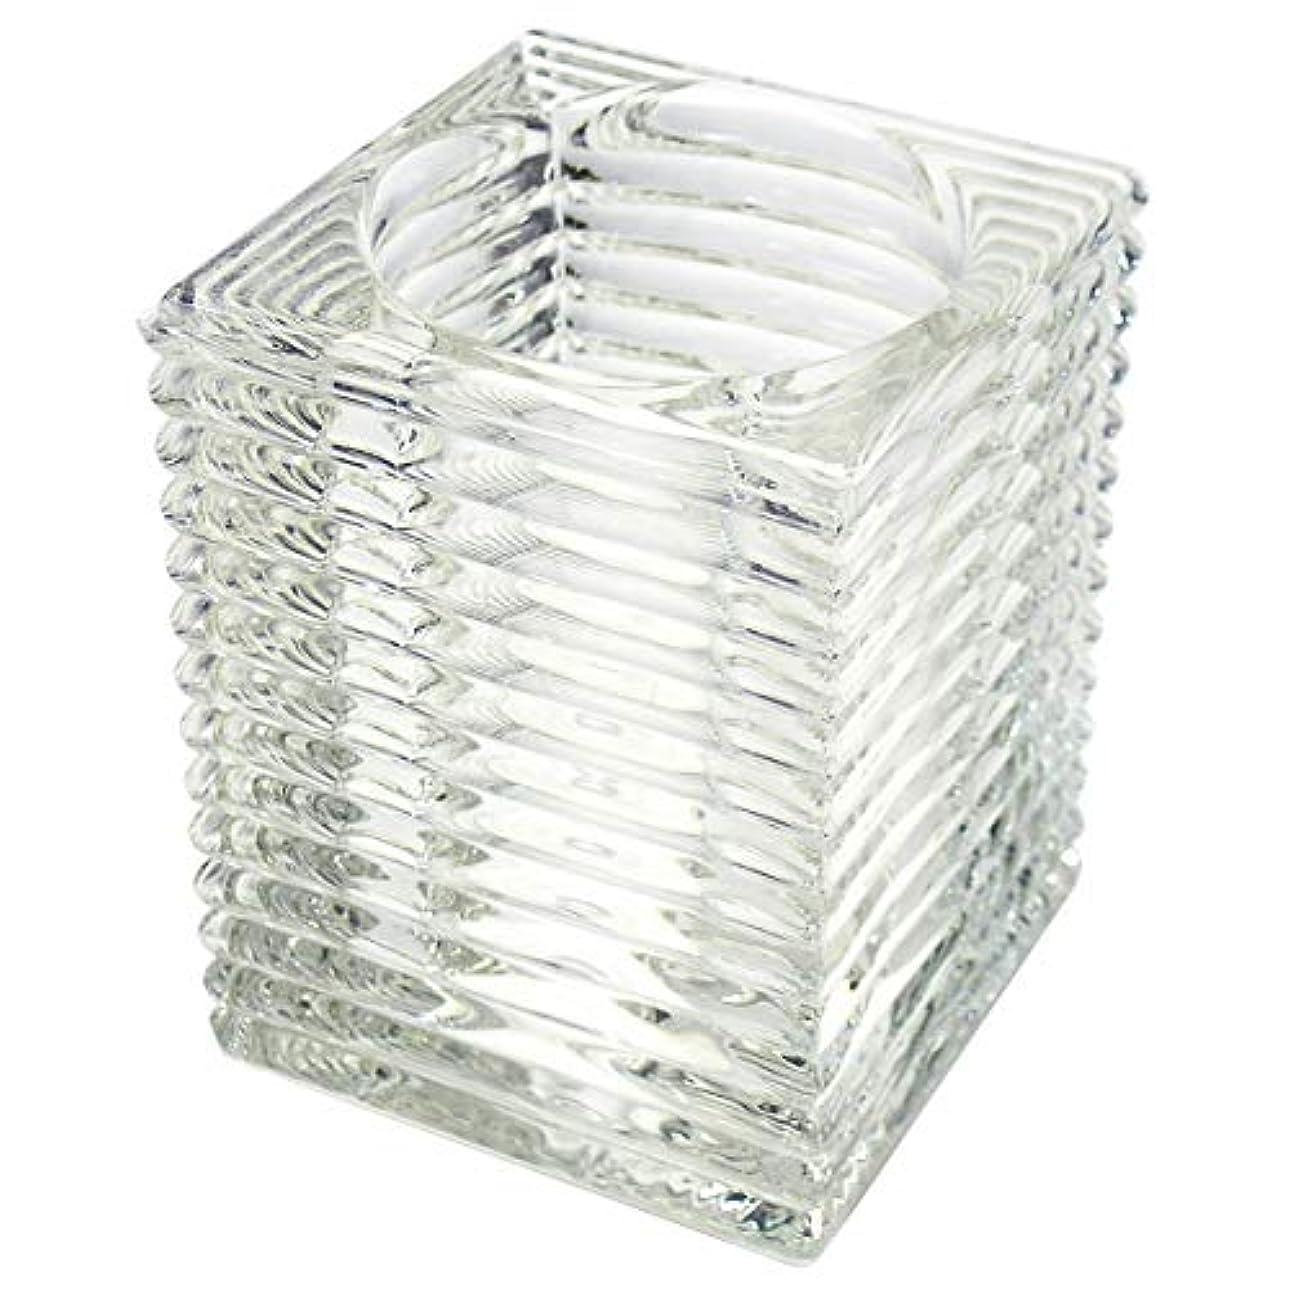 ドール理論的モットーキャンドルホルダー ガラス6 キャンドルスタンド ろうそく立て ティーライトキャンドル ティーキャンドル